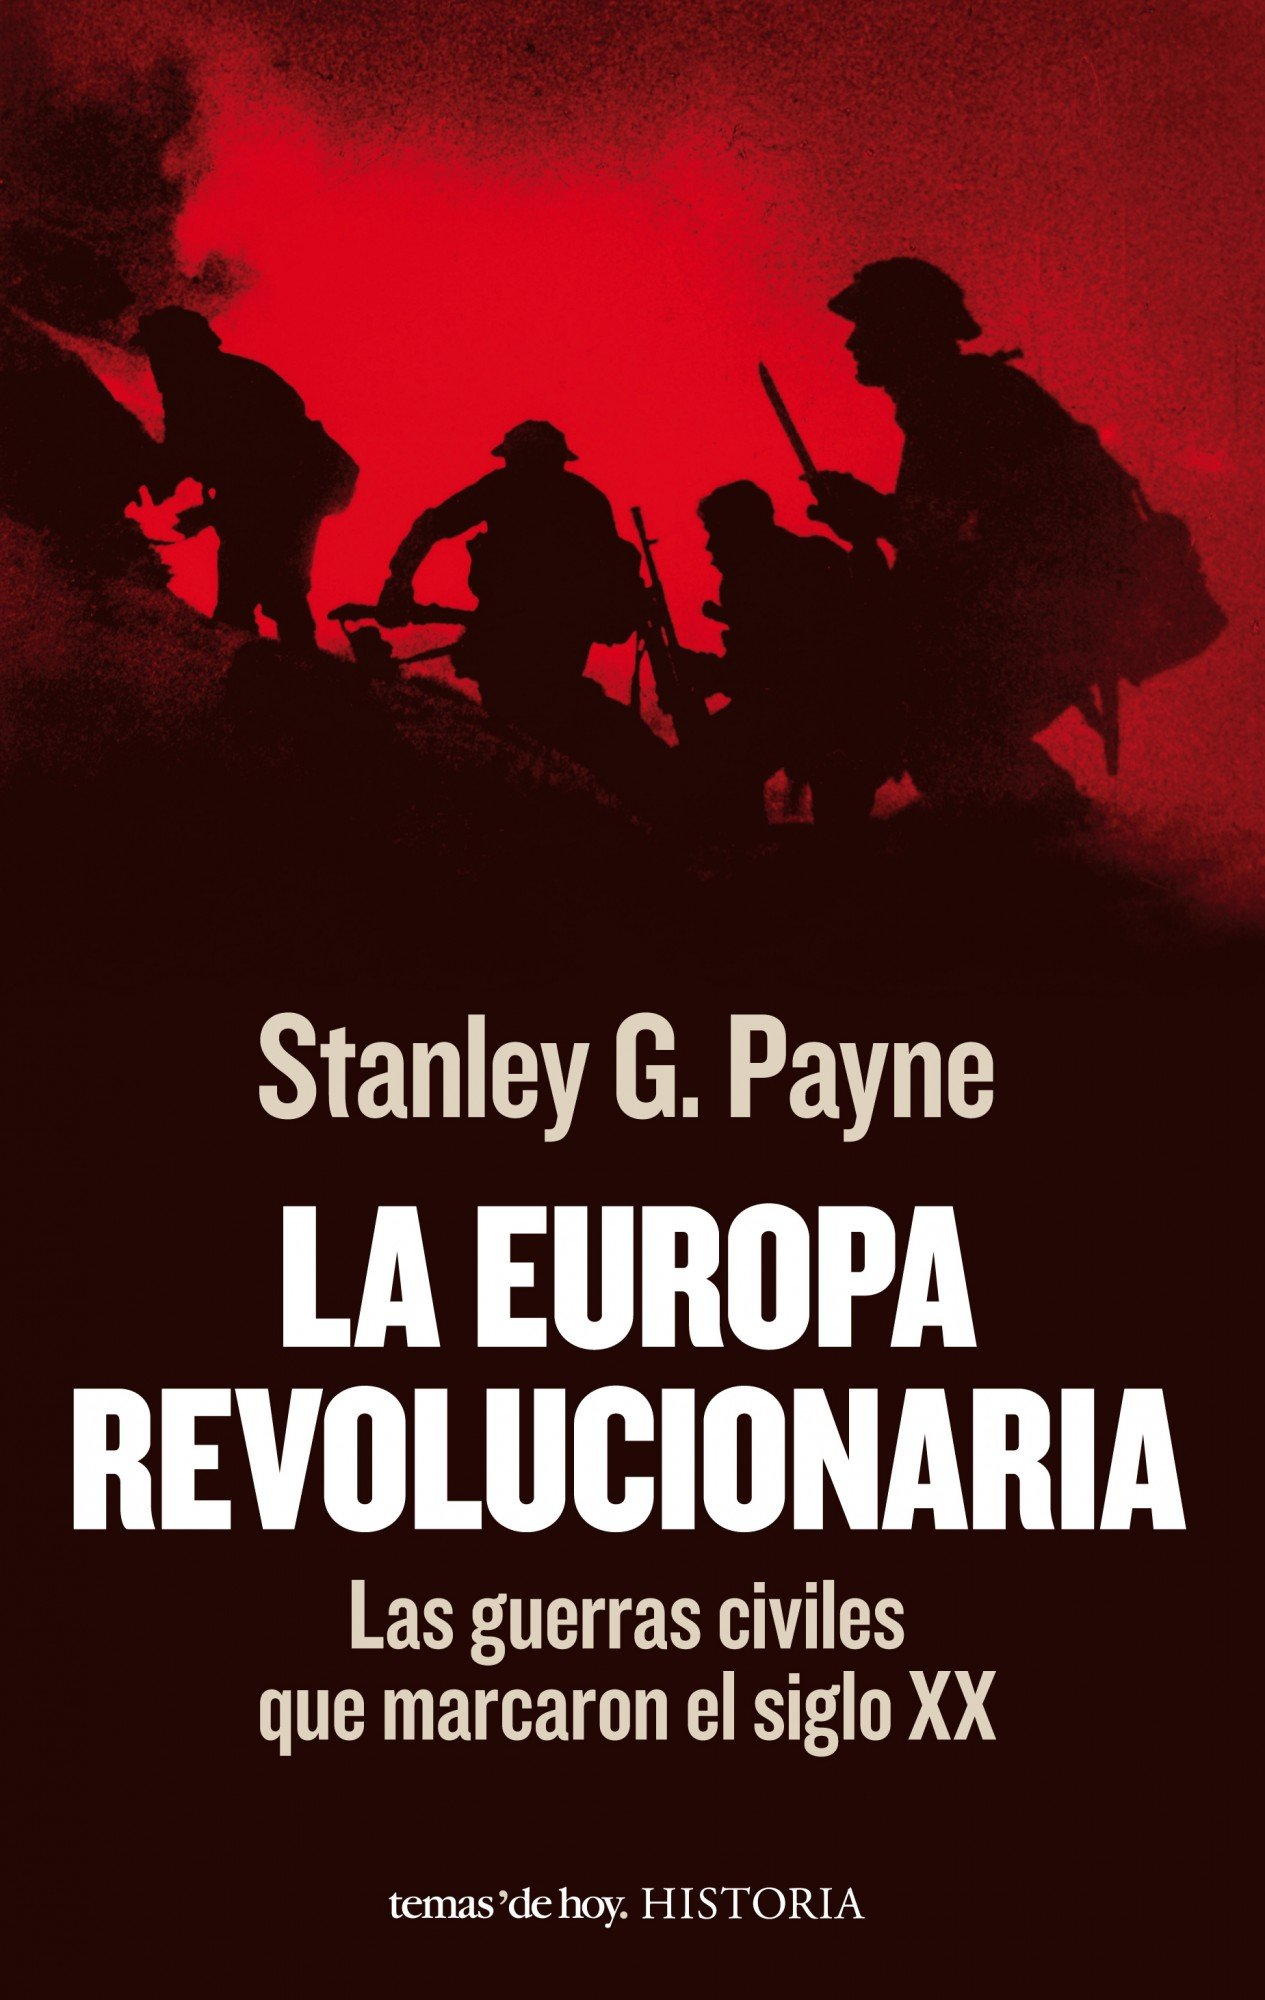 La Europa revolucionaria: Las guerras civiles que marcaron el siglo XX Historia: Amazon.es: Payne, Stanley G., Cuéllar, Jesús: Libros